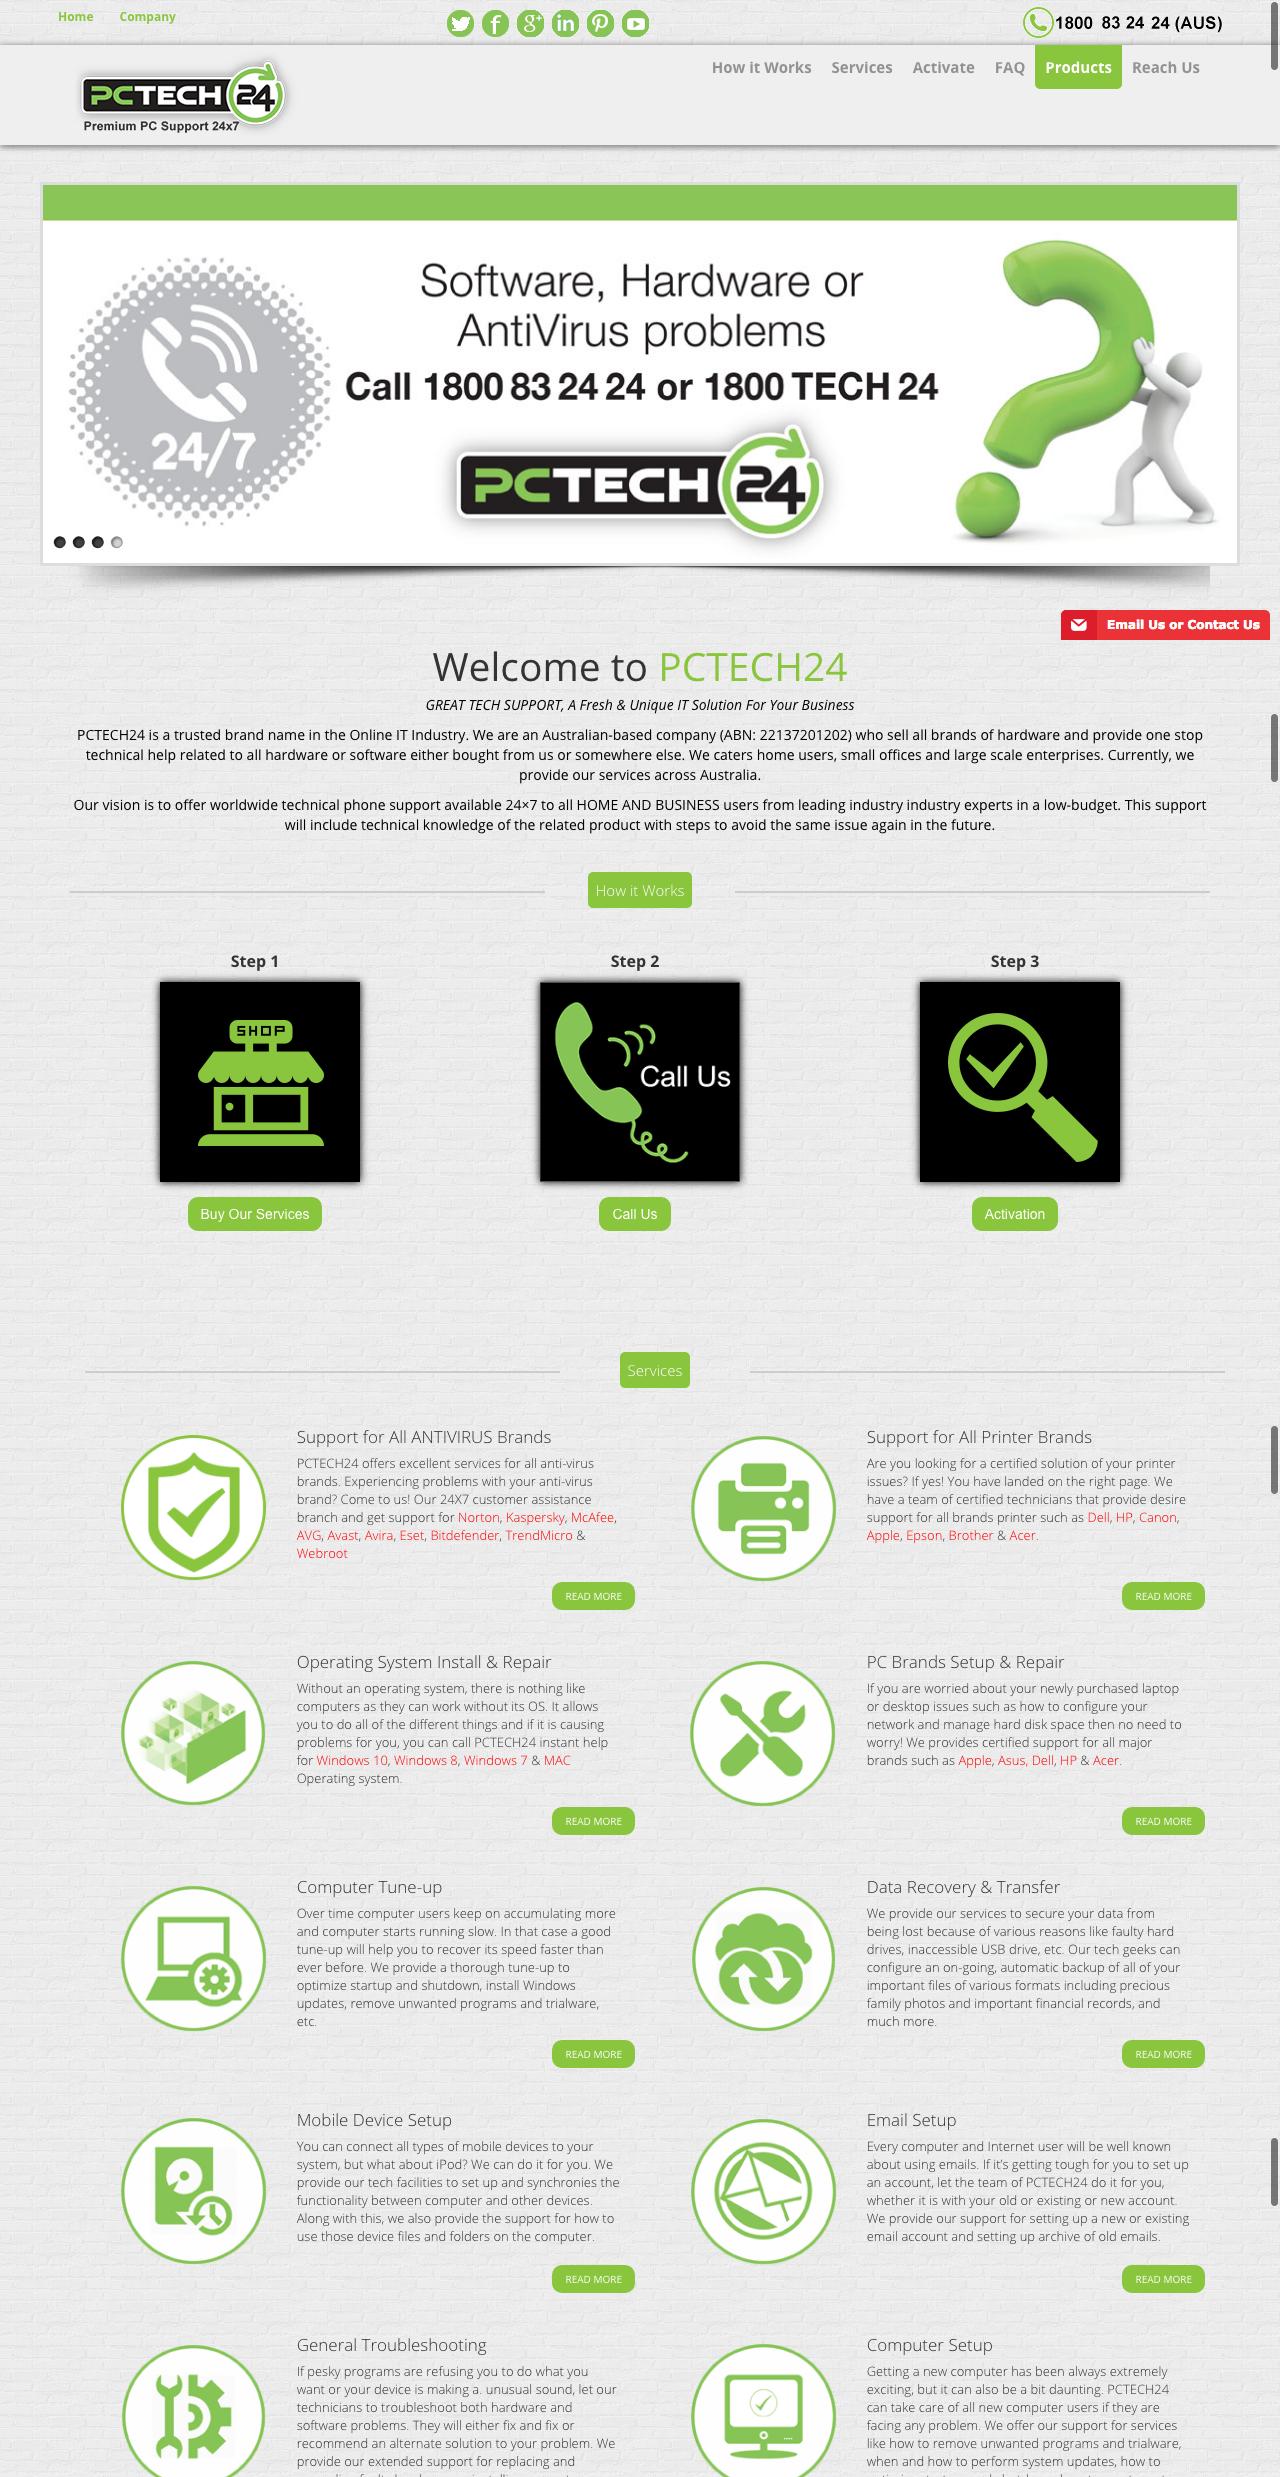 HTML5 - PCTECH24